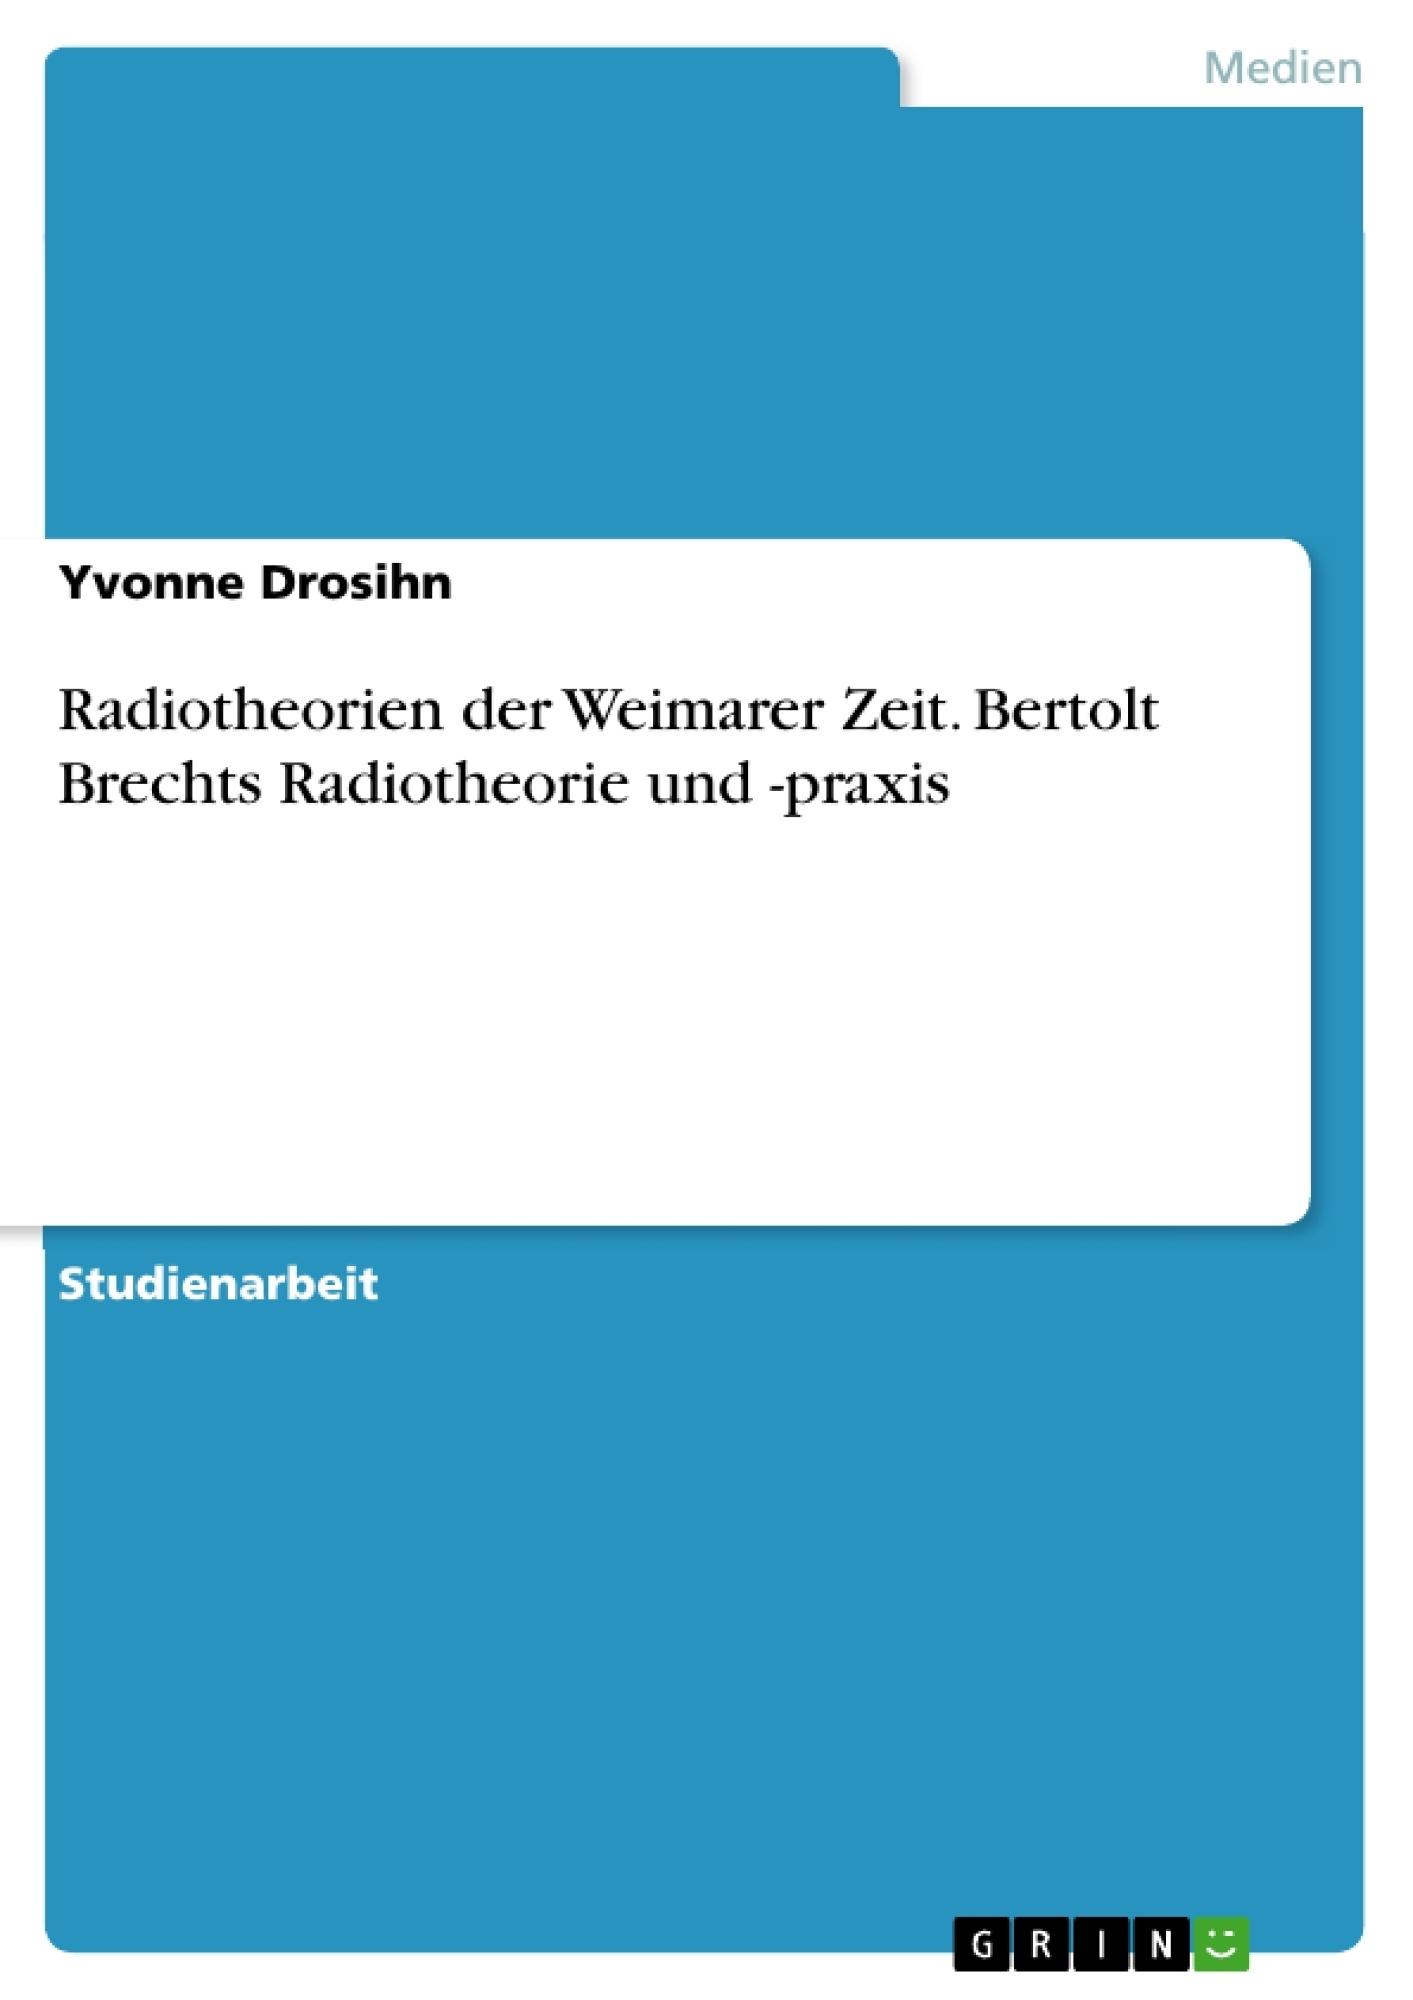 Titel: Radiotheorien der Weimarer Zeit. Bertolt Brechts Radiotheorie und -praxis